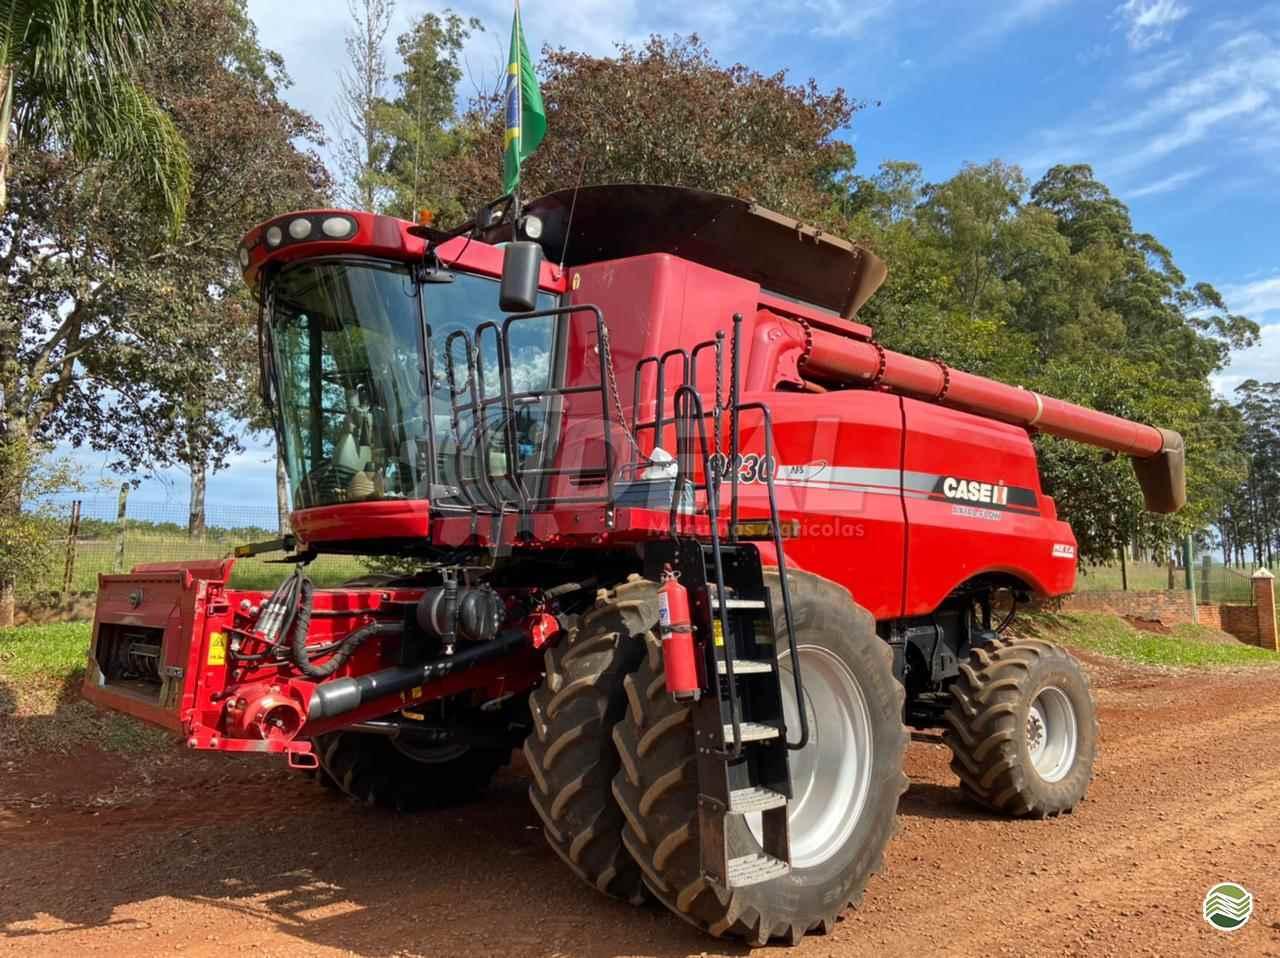 COLHEITADEIRA CASE CASE 9230 Ideal Máquinas Agrícolas SAO GONCALO DO SAPUCAI MINAS GERAIS MG